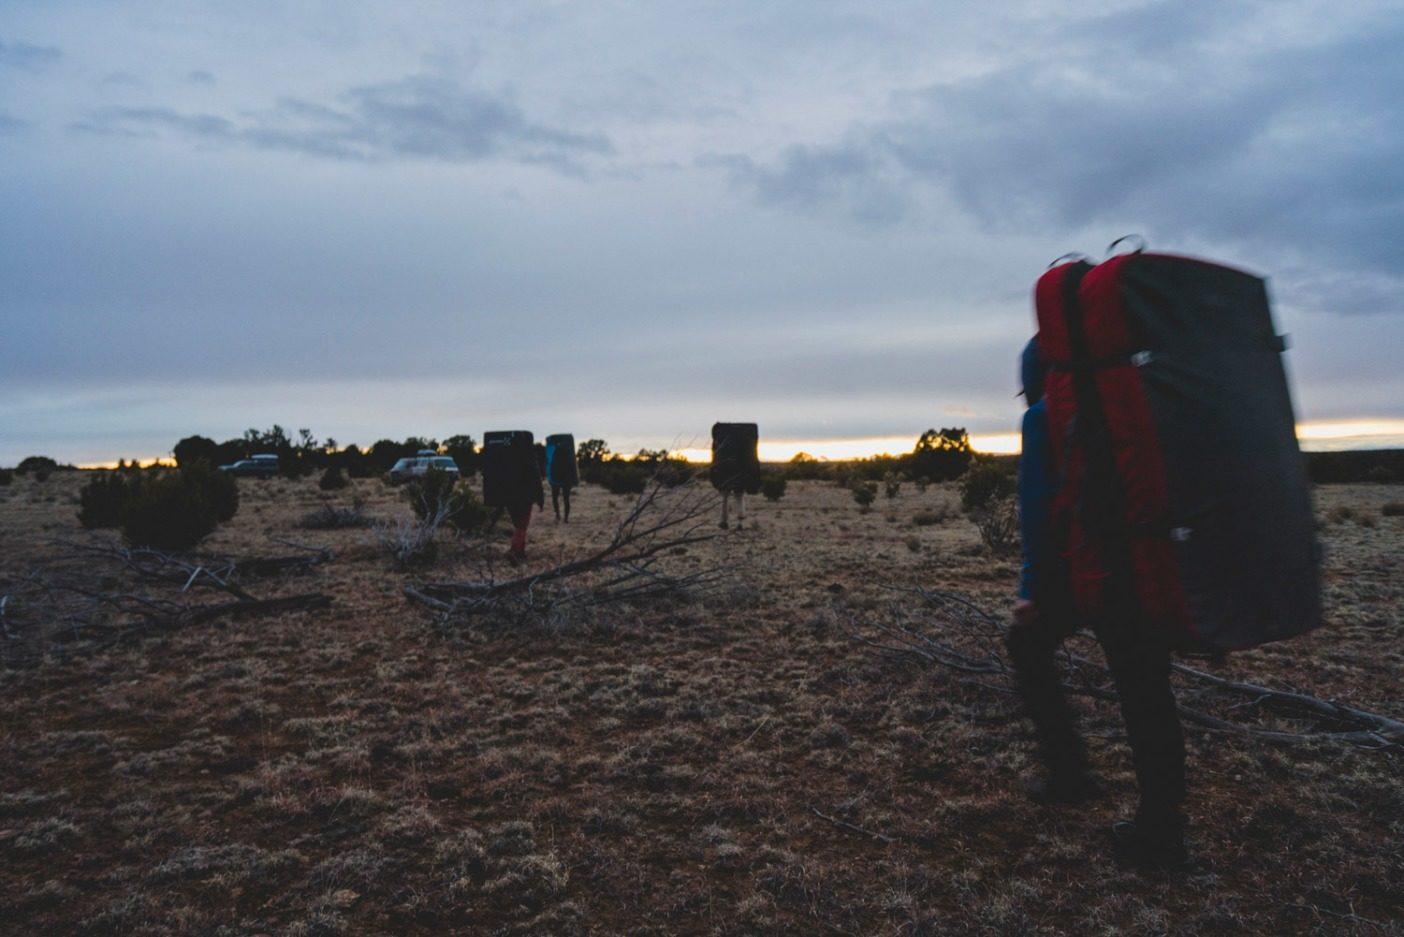 ボルダリングの1 日を終え、キャニオンから平原へと姿を現すクライマーたち。Photo: Eric Bissell